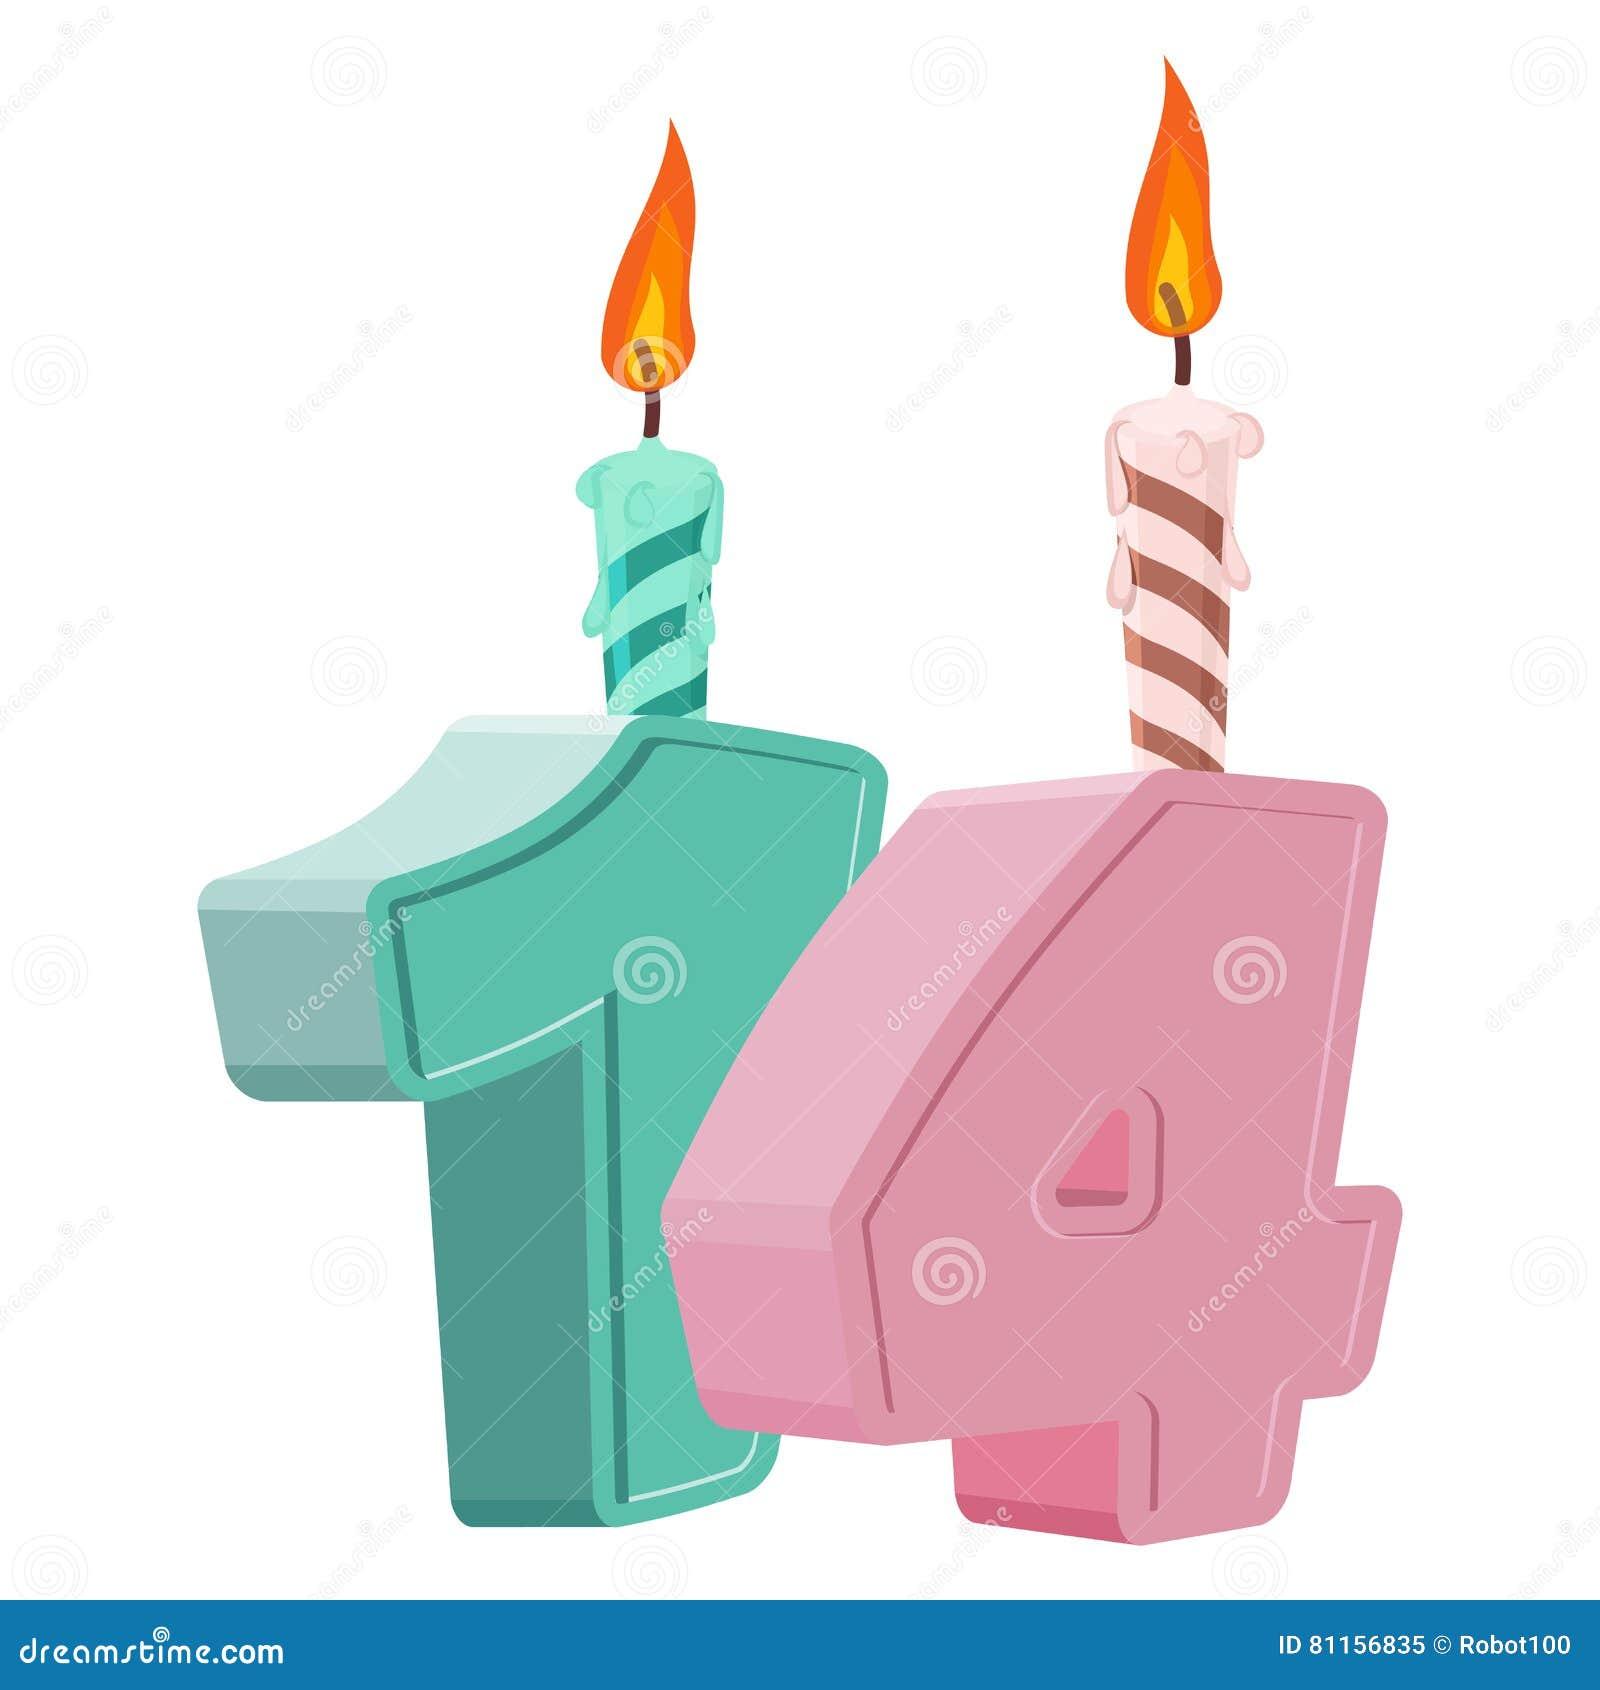 14 Jahre Geburtstag Zahl Mit Festlicher Kerze Für Feiertagskuchen